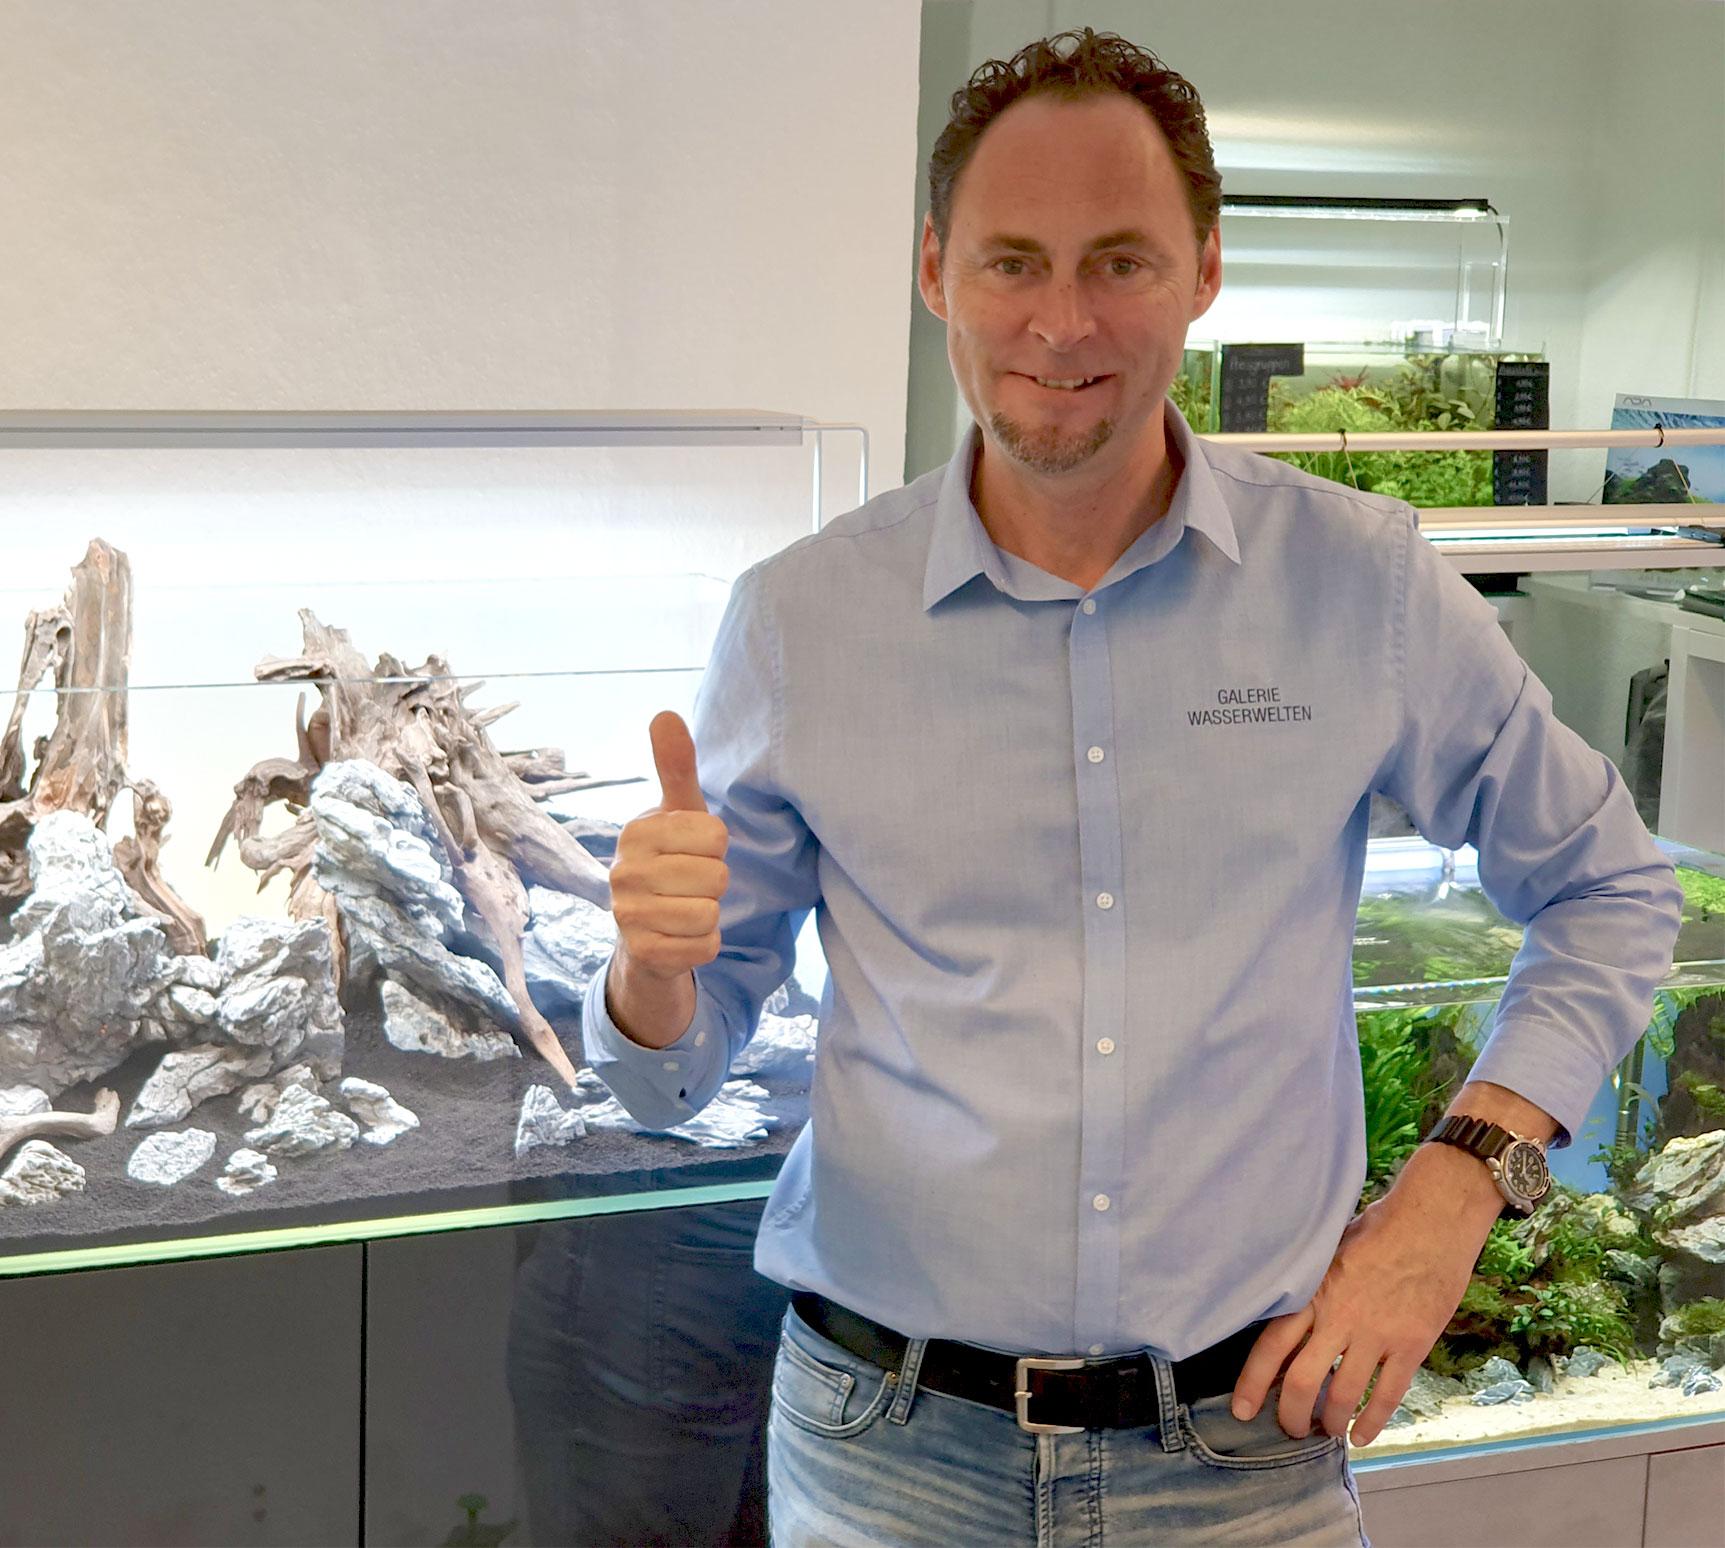 Inhaber Oliver Lindemann Aquaristik Galerie Wasserwelten